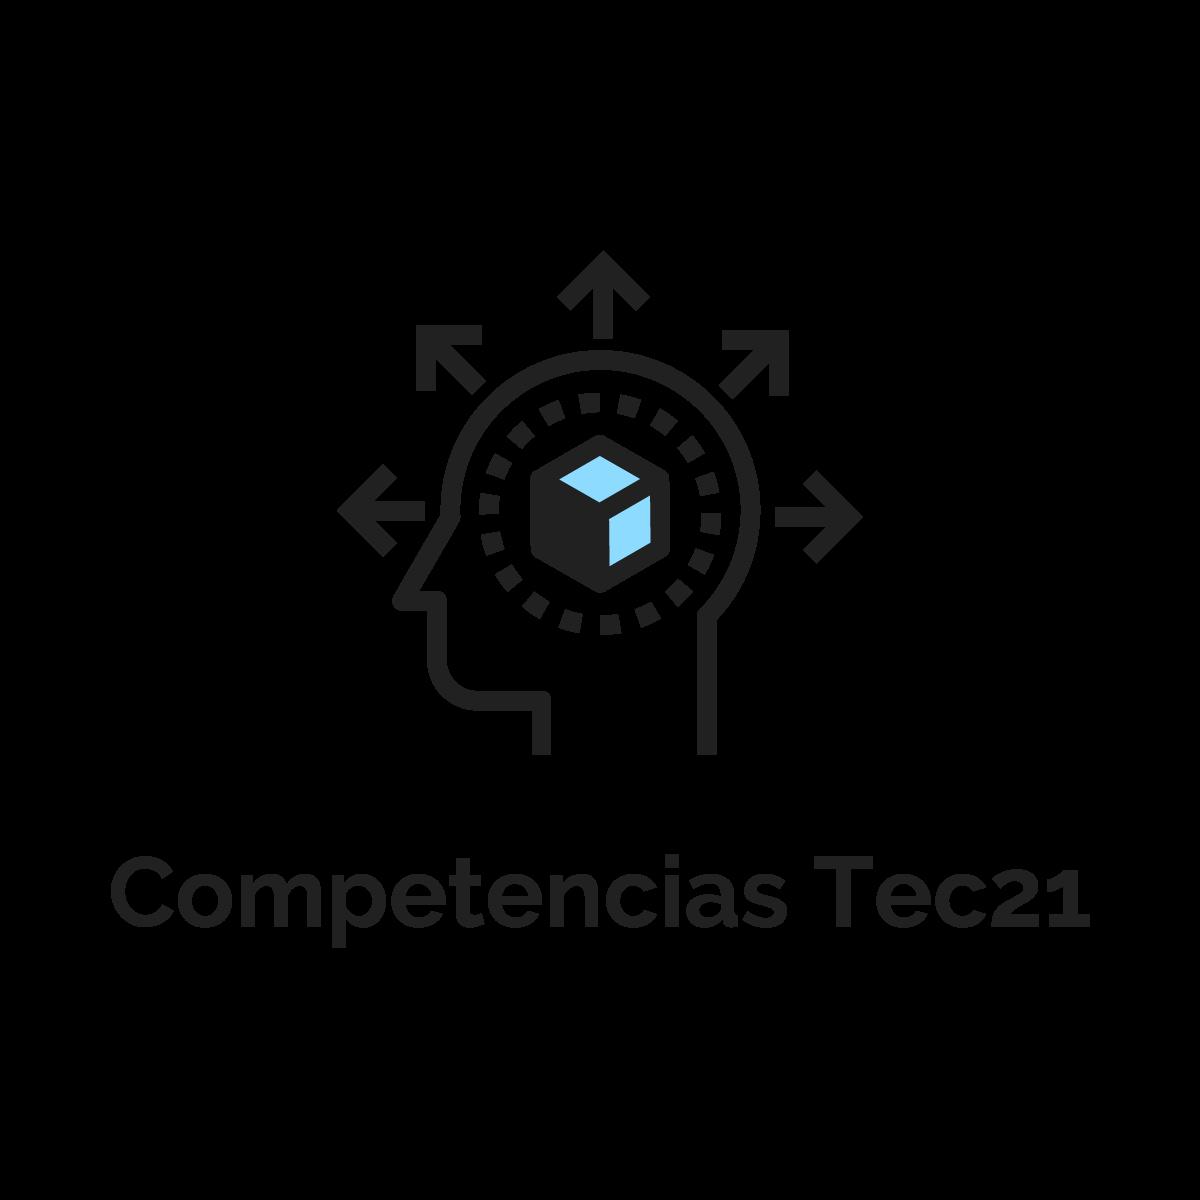 Competencias Tec21